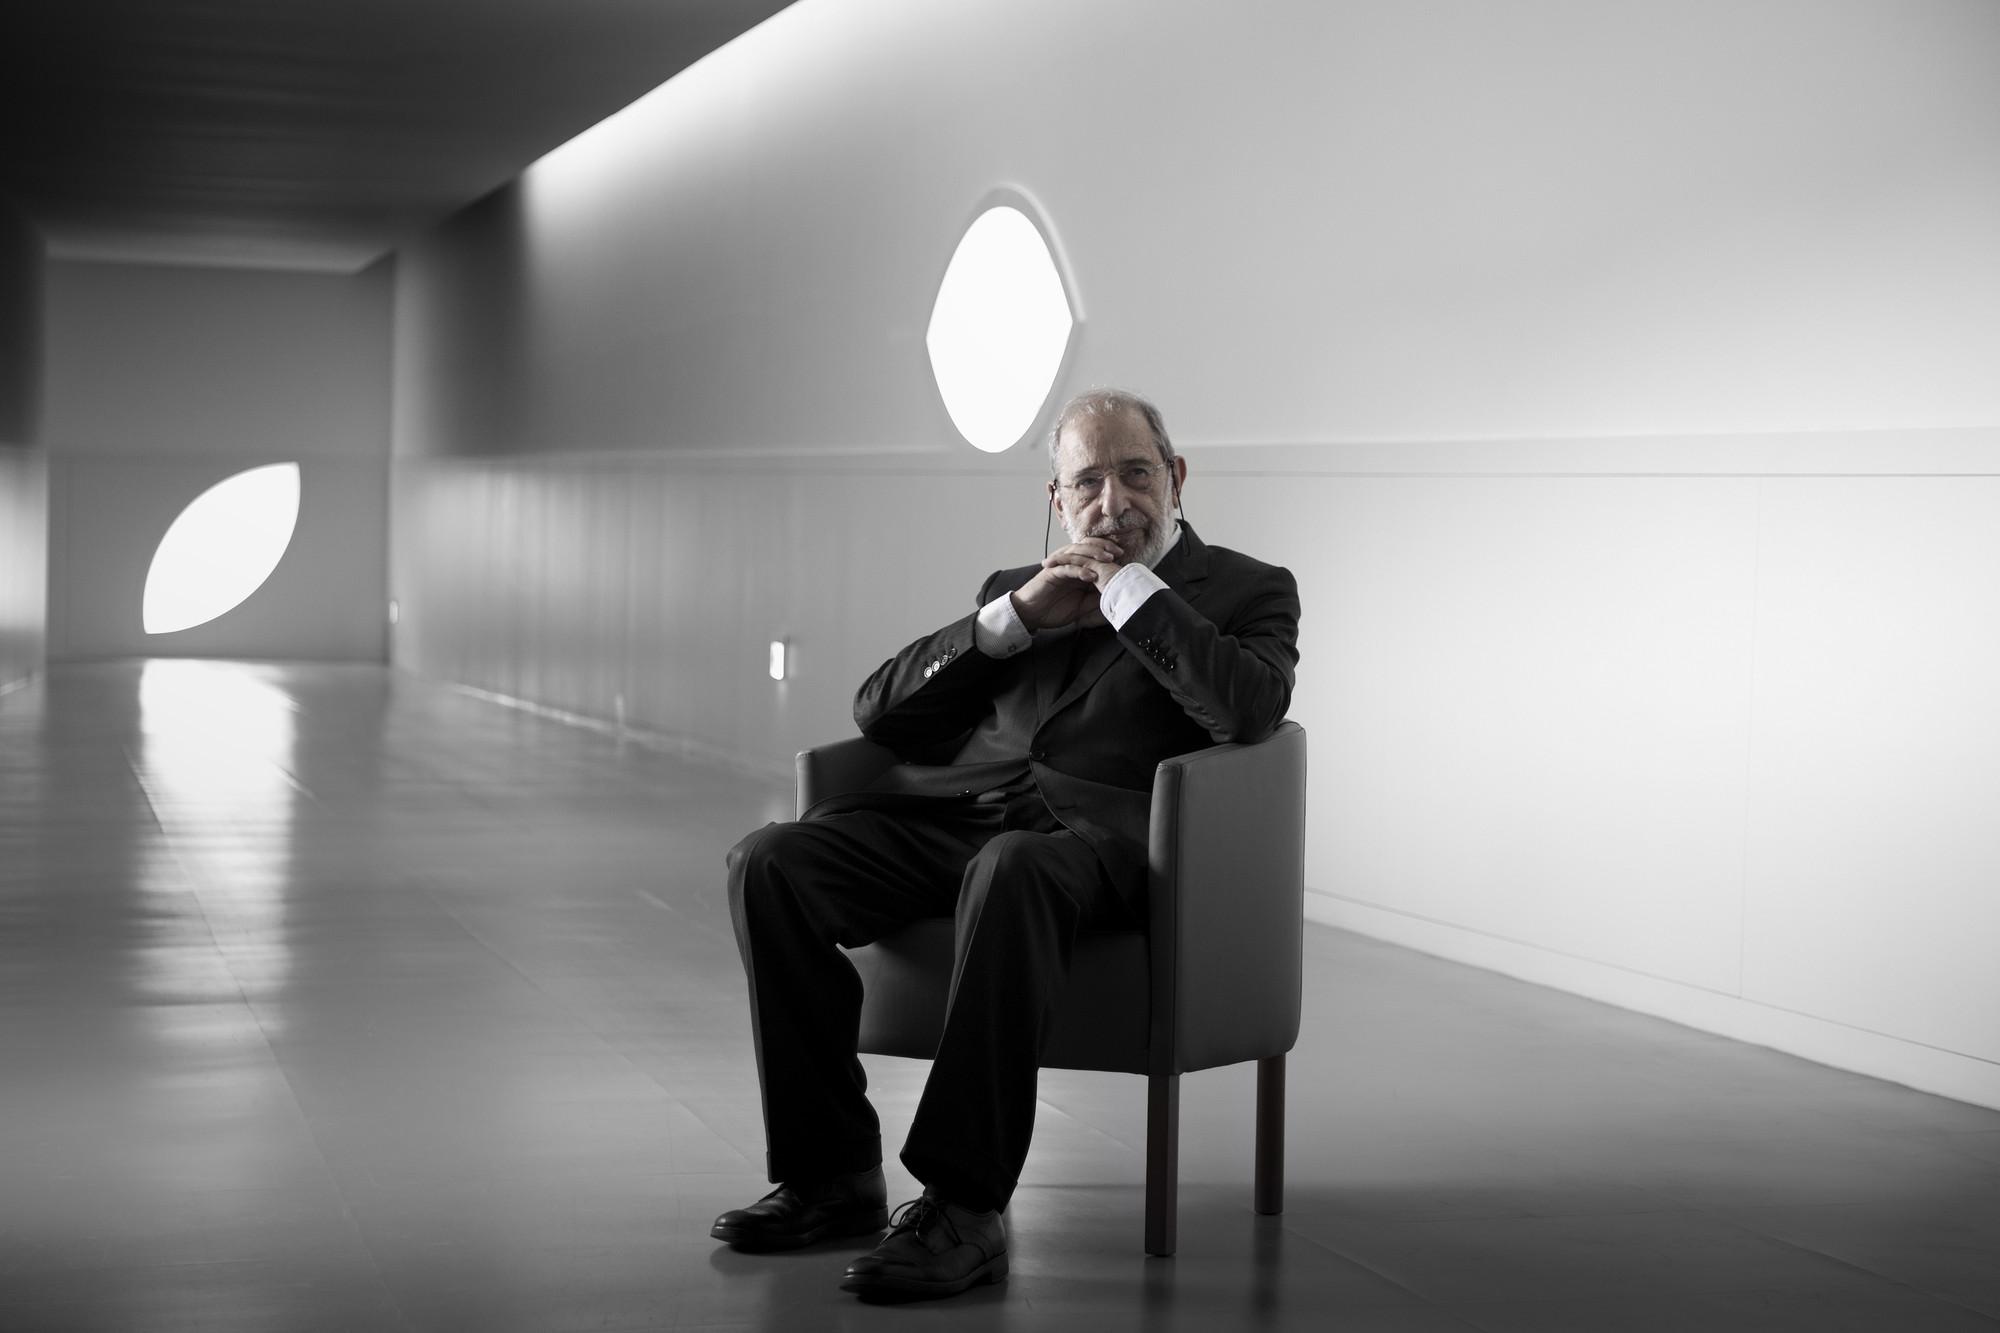 Fernando Guerra's Stunning Images of Álvaro Siza's Most Inspiring Works, Alvaro Siza. Image © Fernando Guerra | FG+SG